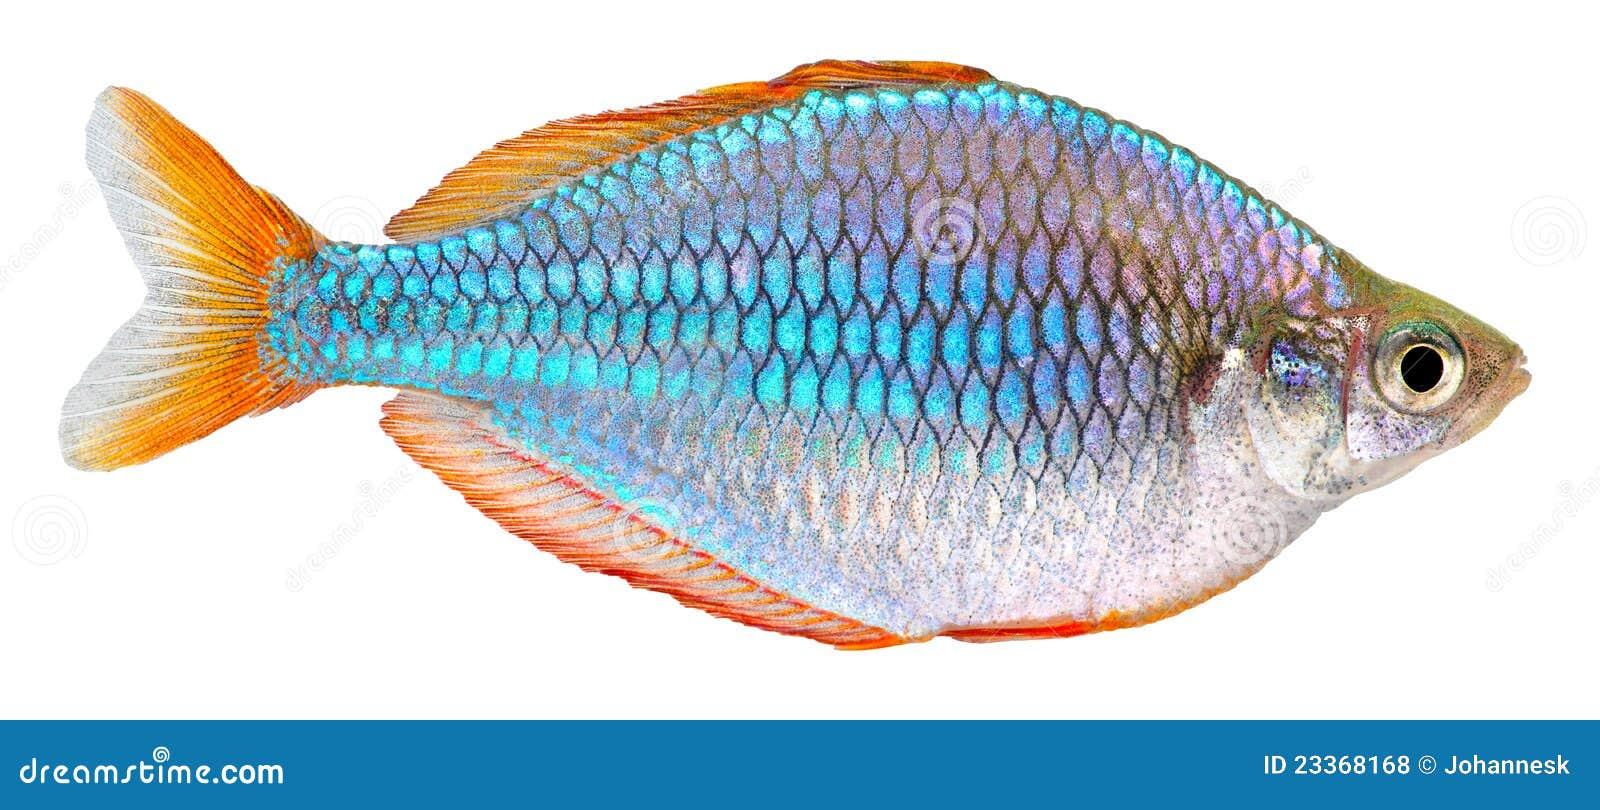 Dwarf Neon Rainbow fish isolated on white background. Melanotaenia ...